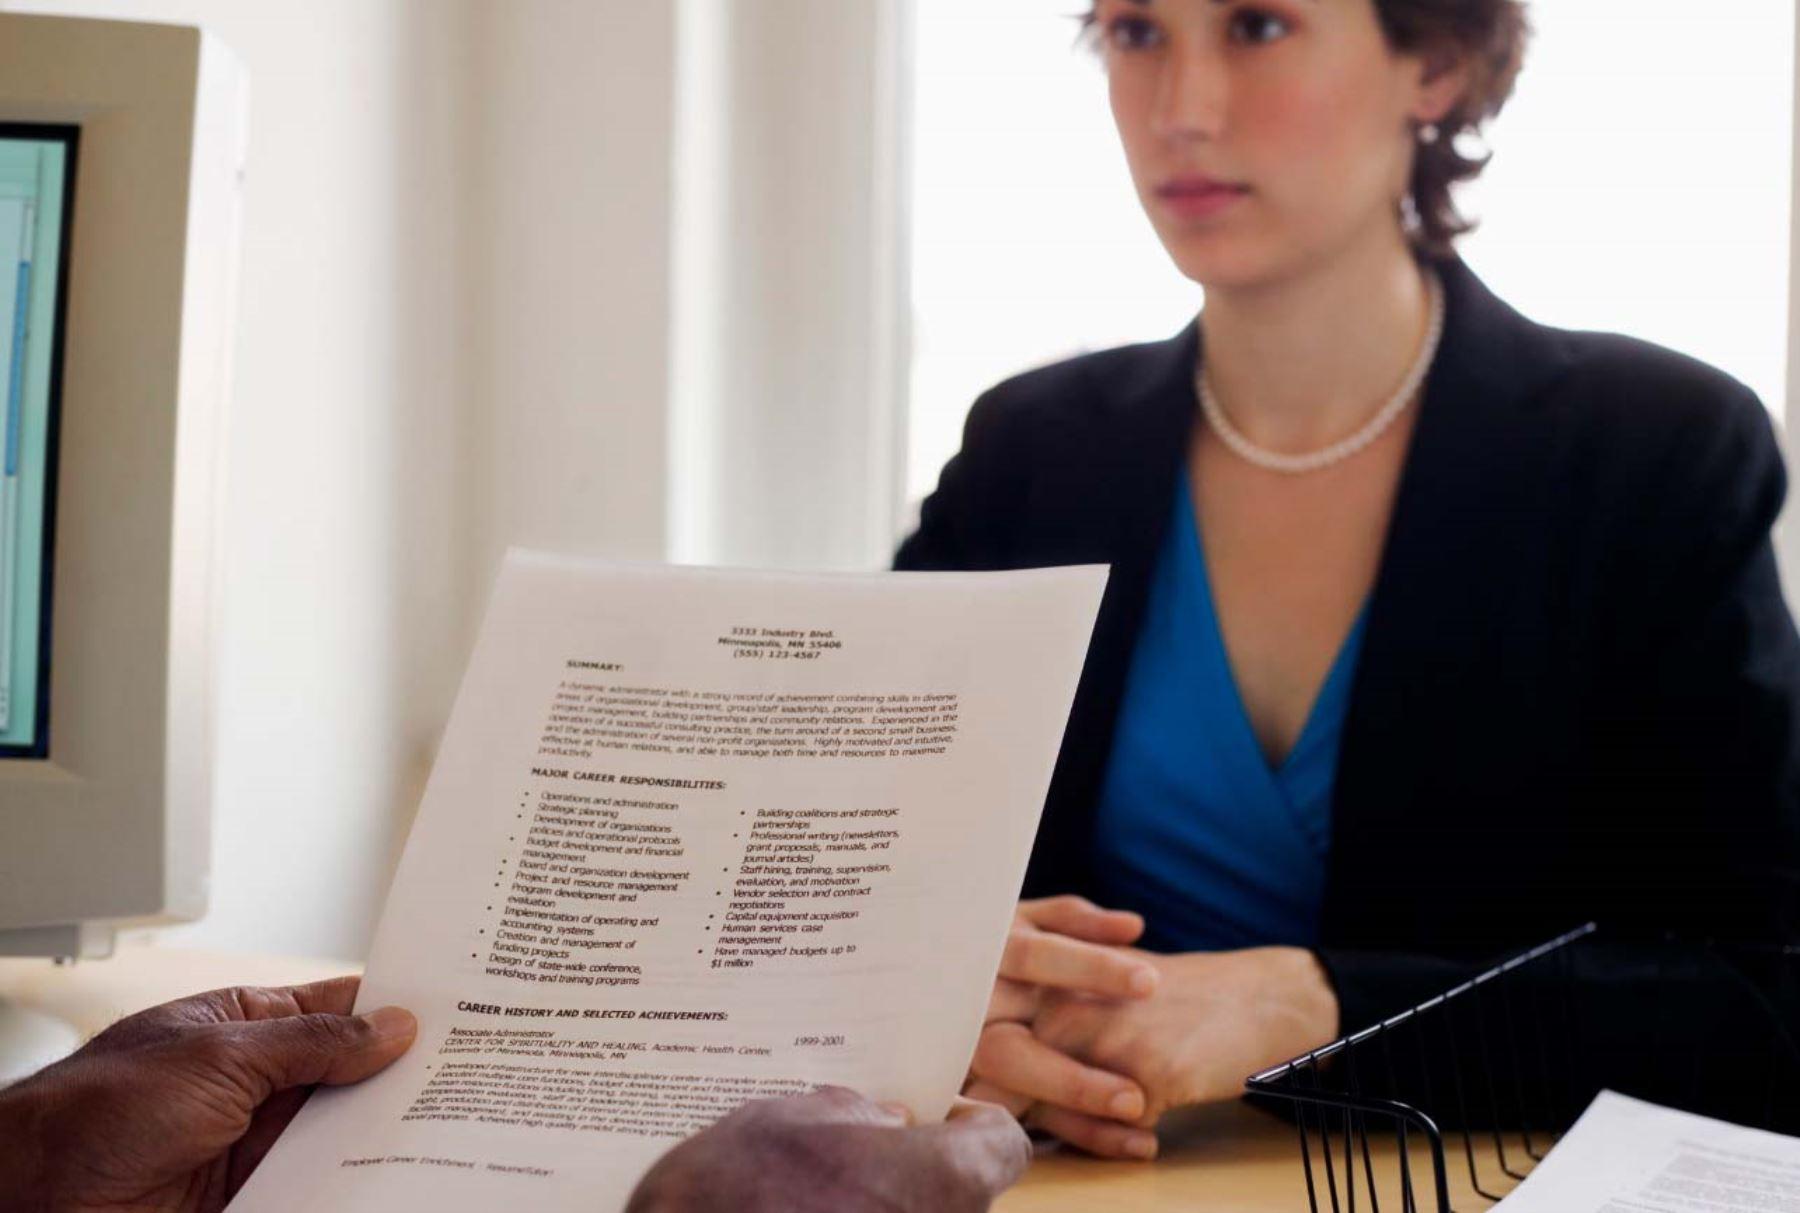 Las competencias blandas son de interés para los empleadores. INTERNET/Medios